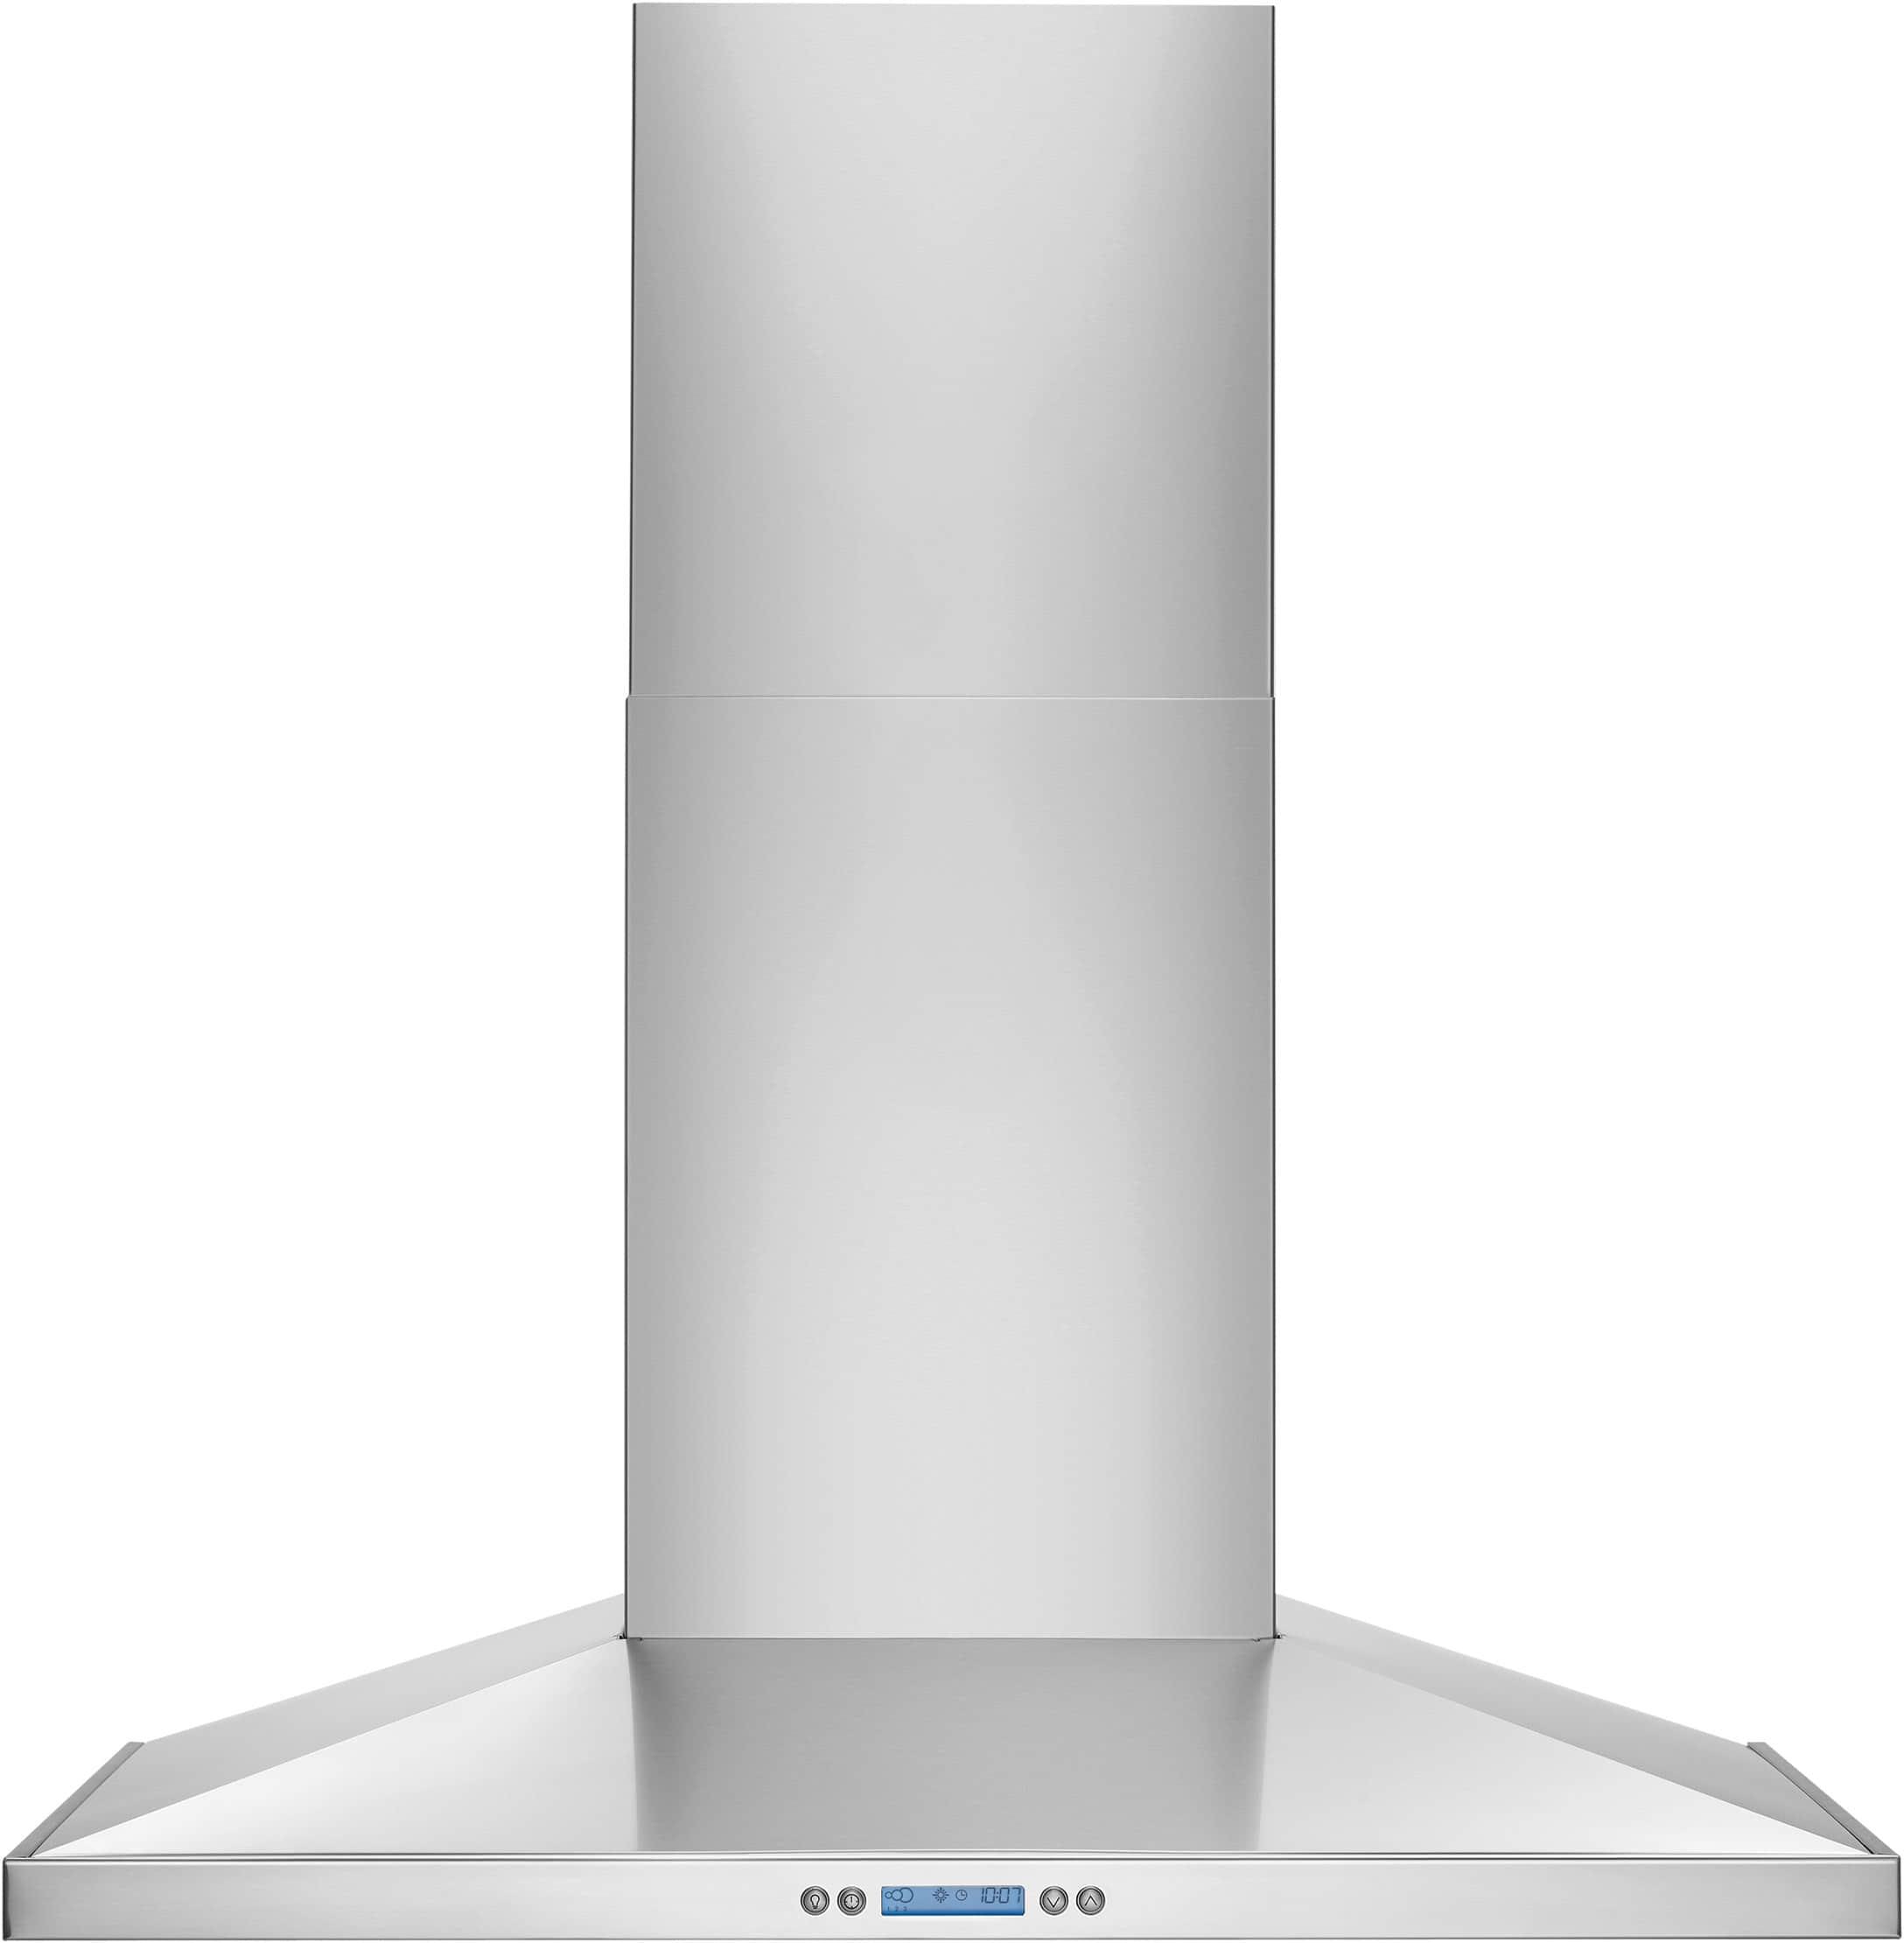 Model: RH36WC55GS | 36